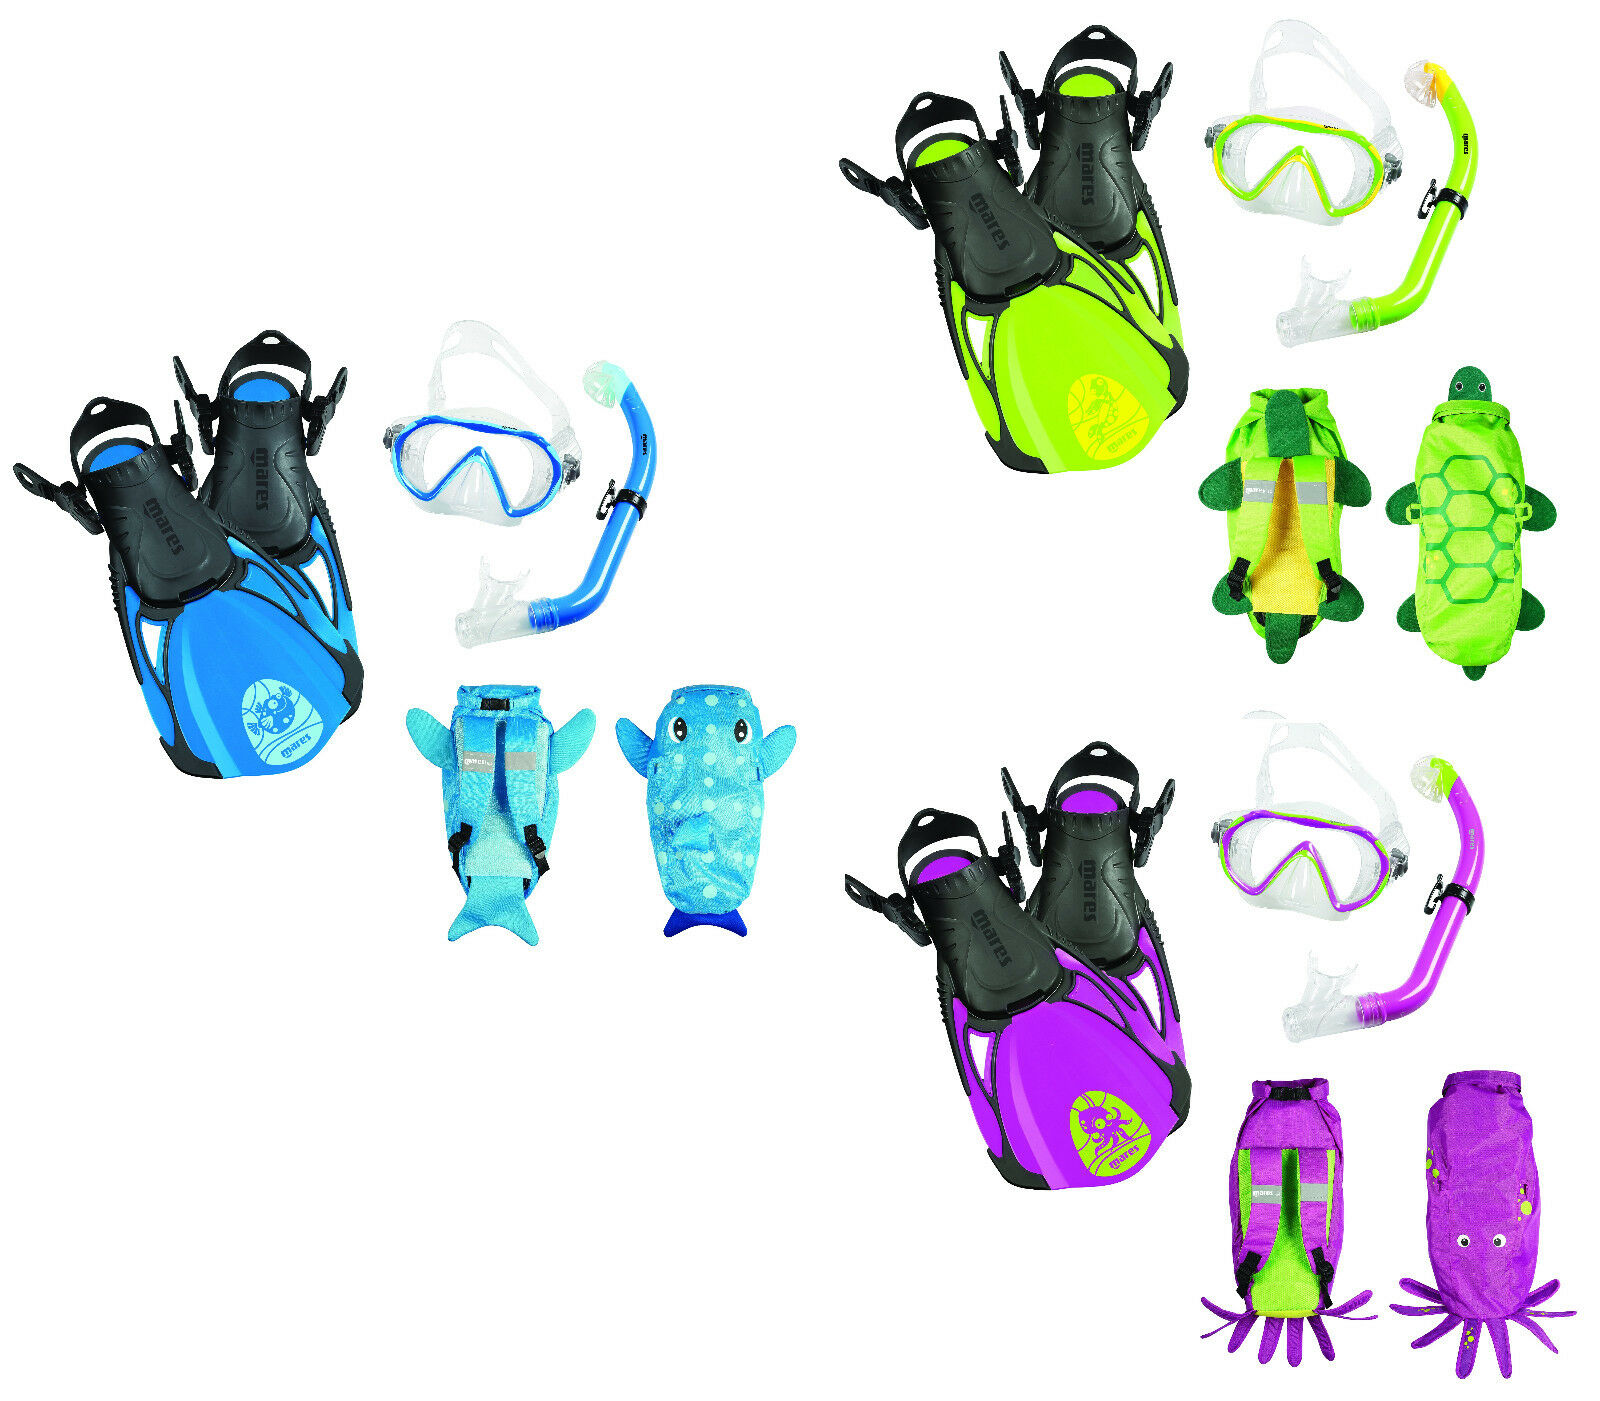 Mares Sea Friends Schnorchelset für Kinder mit Rucksack Gr. 27-37 27-37 27-37 ver. Farben 80c6d5